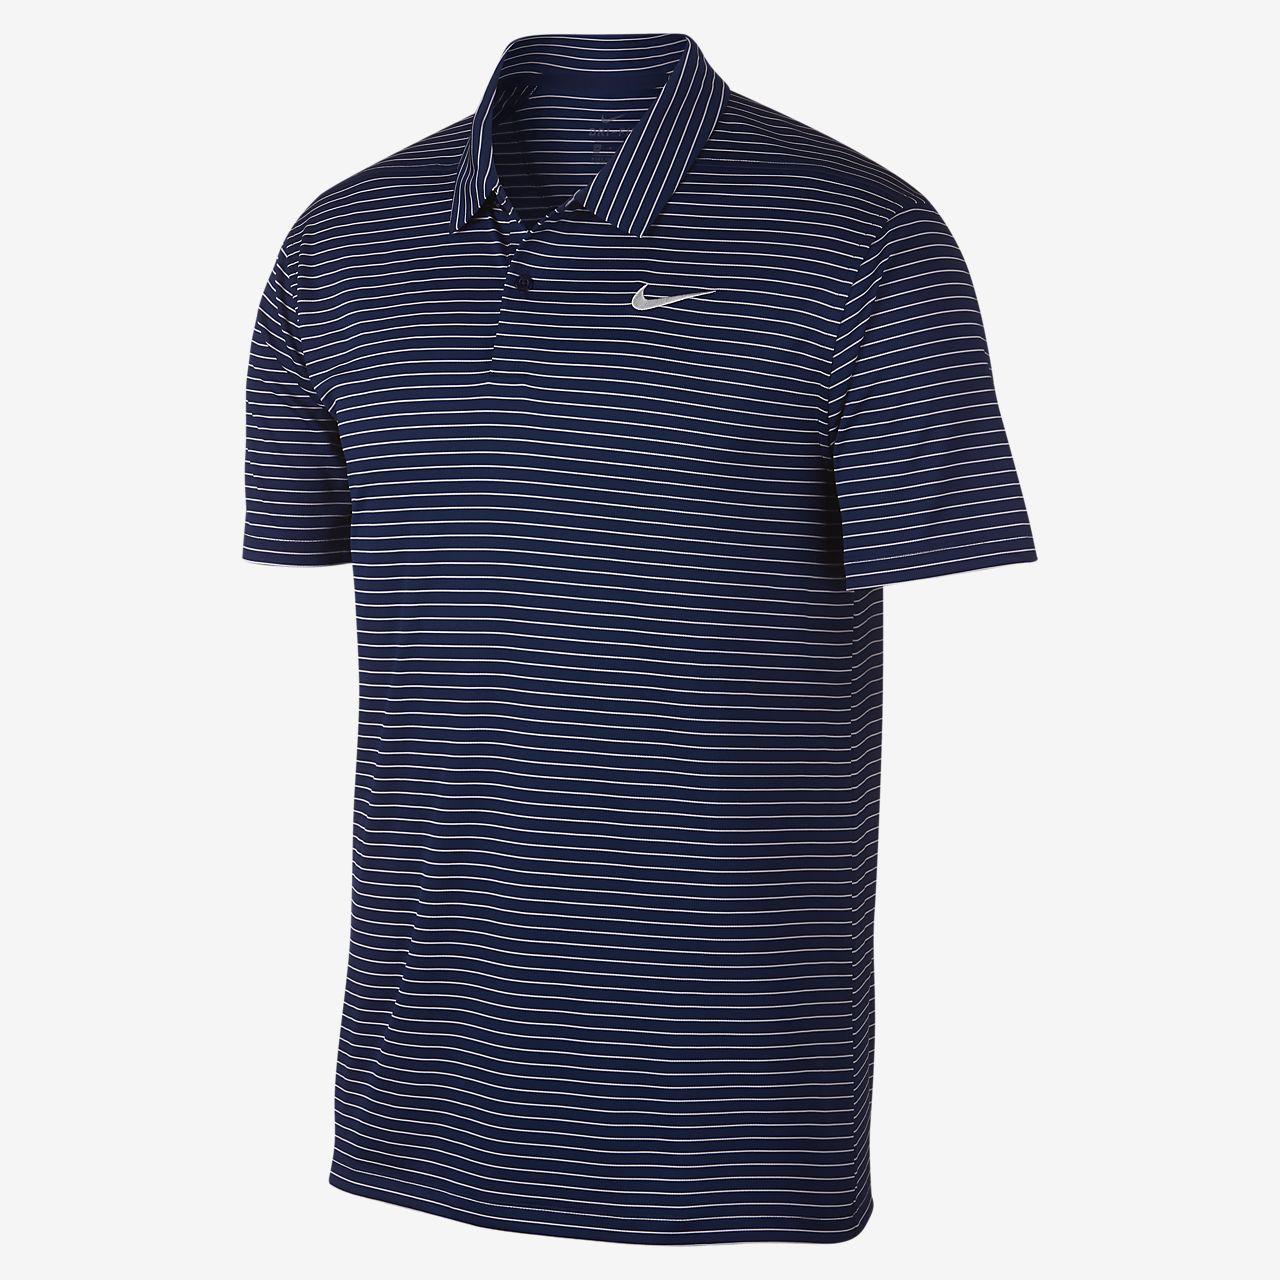 brand new c0fe2 2f499 Nike Dri-FIT gestreiftes Golf-Poloshirt für Herren